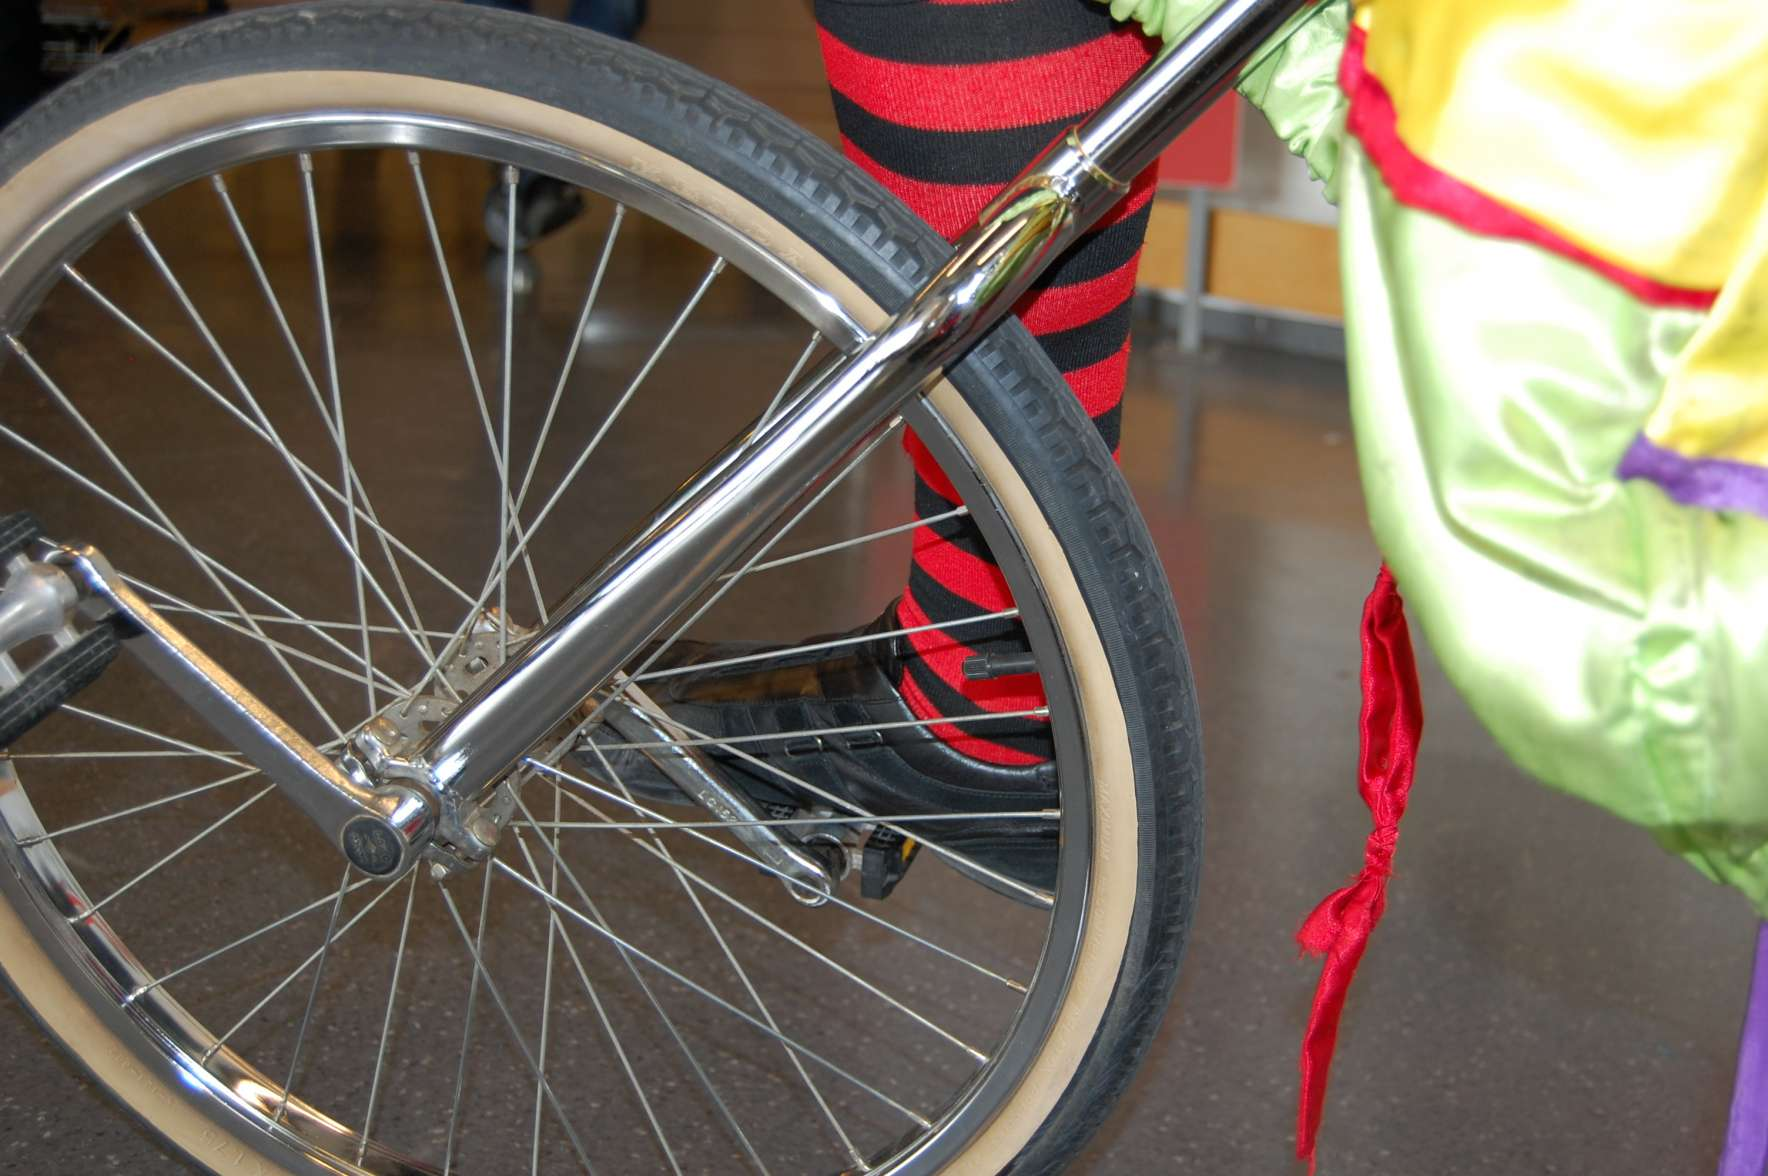 Ρόδα και πετάλια μονοποδήλατου σε σώου ζογκλέρ σε παιδική εκδήλωση